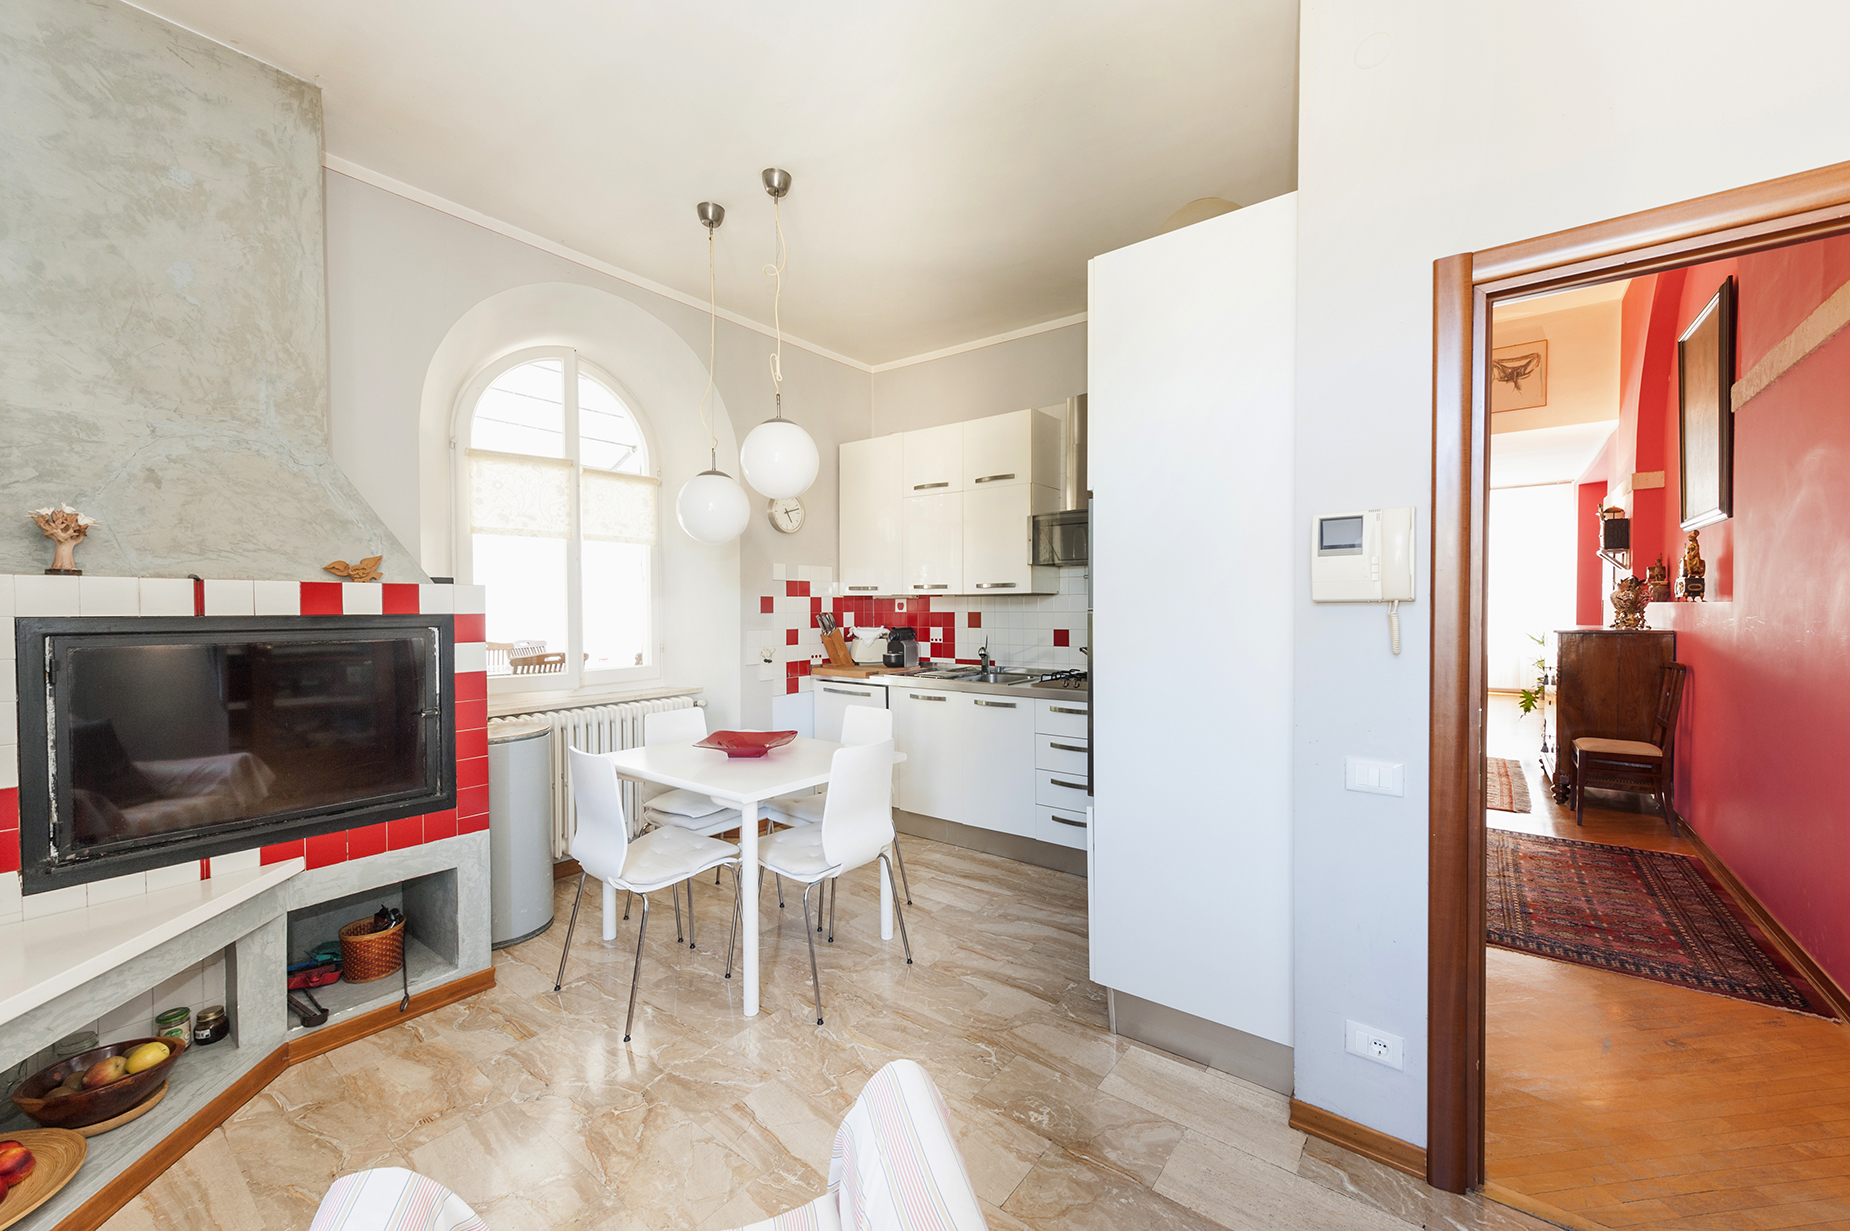 Casa indipendente in Vendita a Sorano: 5 locali, 230 mq - Foto 26